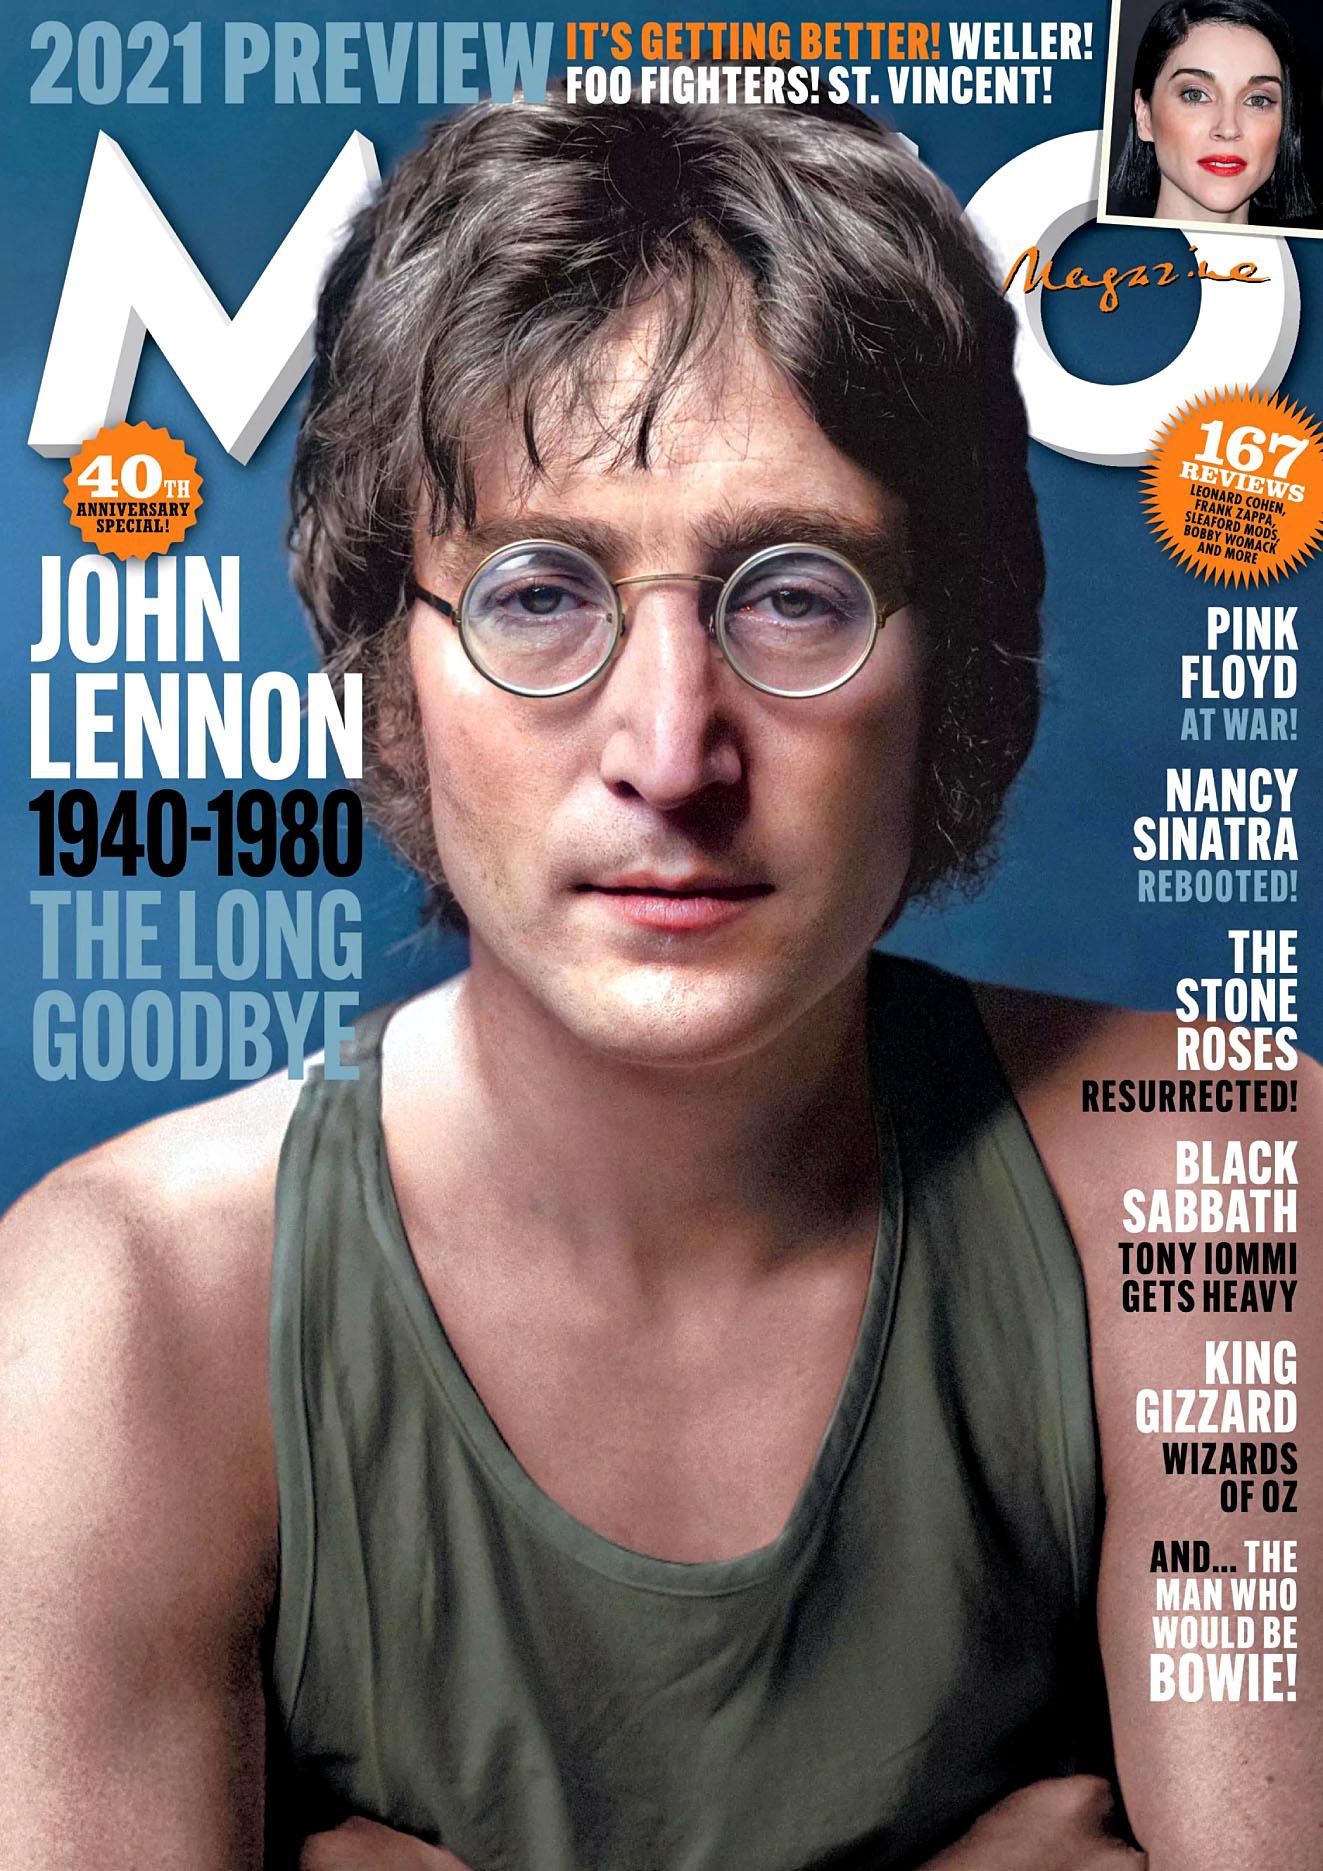 MOJO 2021-02 Beatles 01.jpg